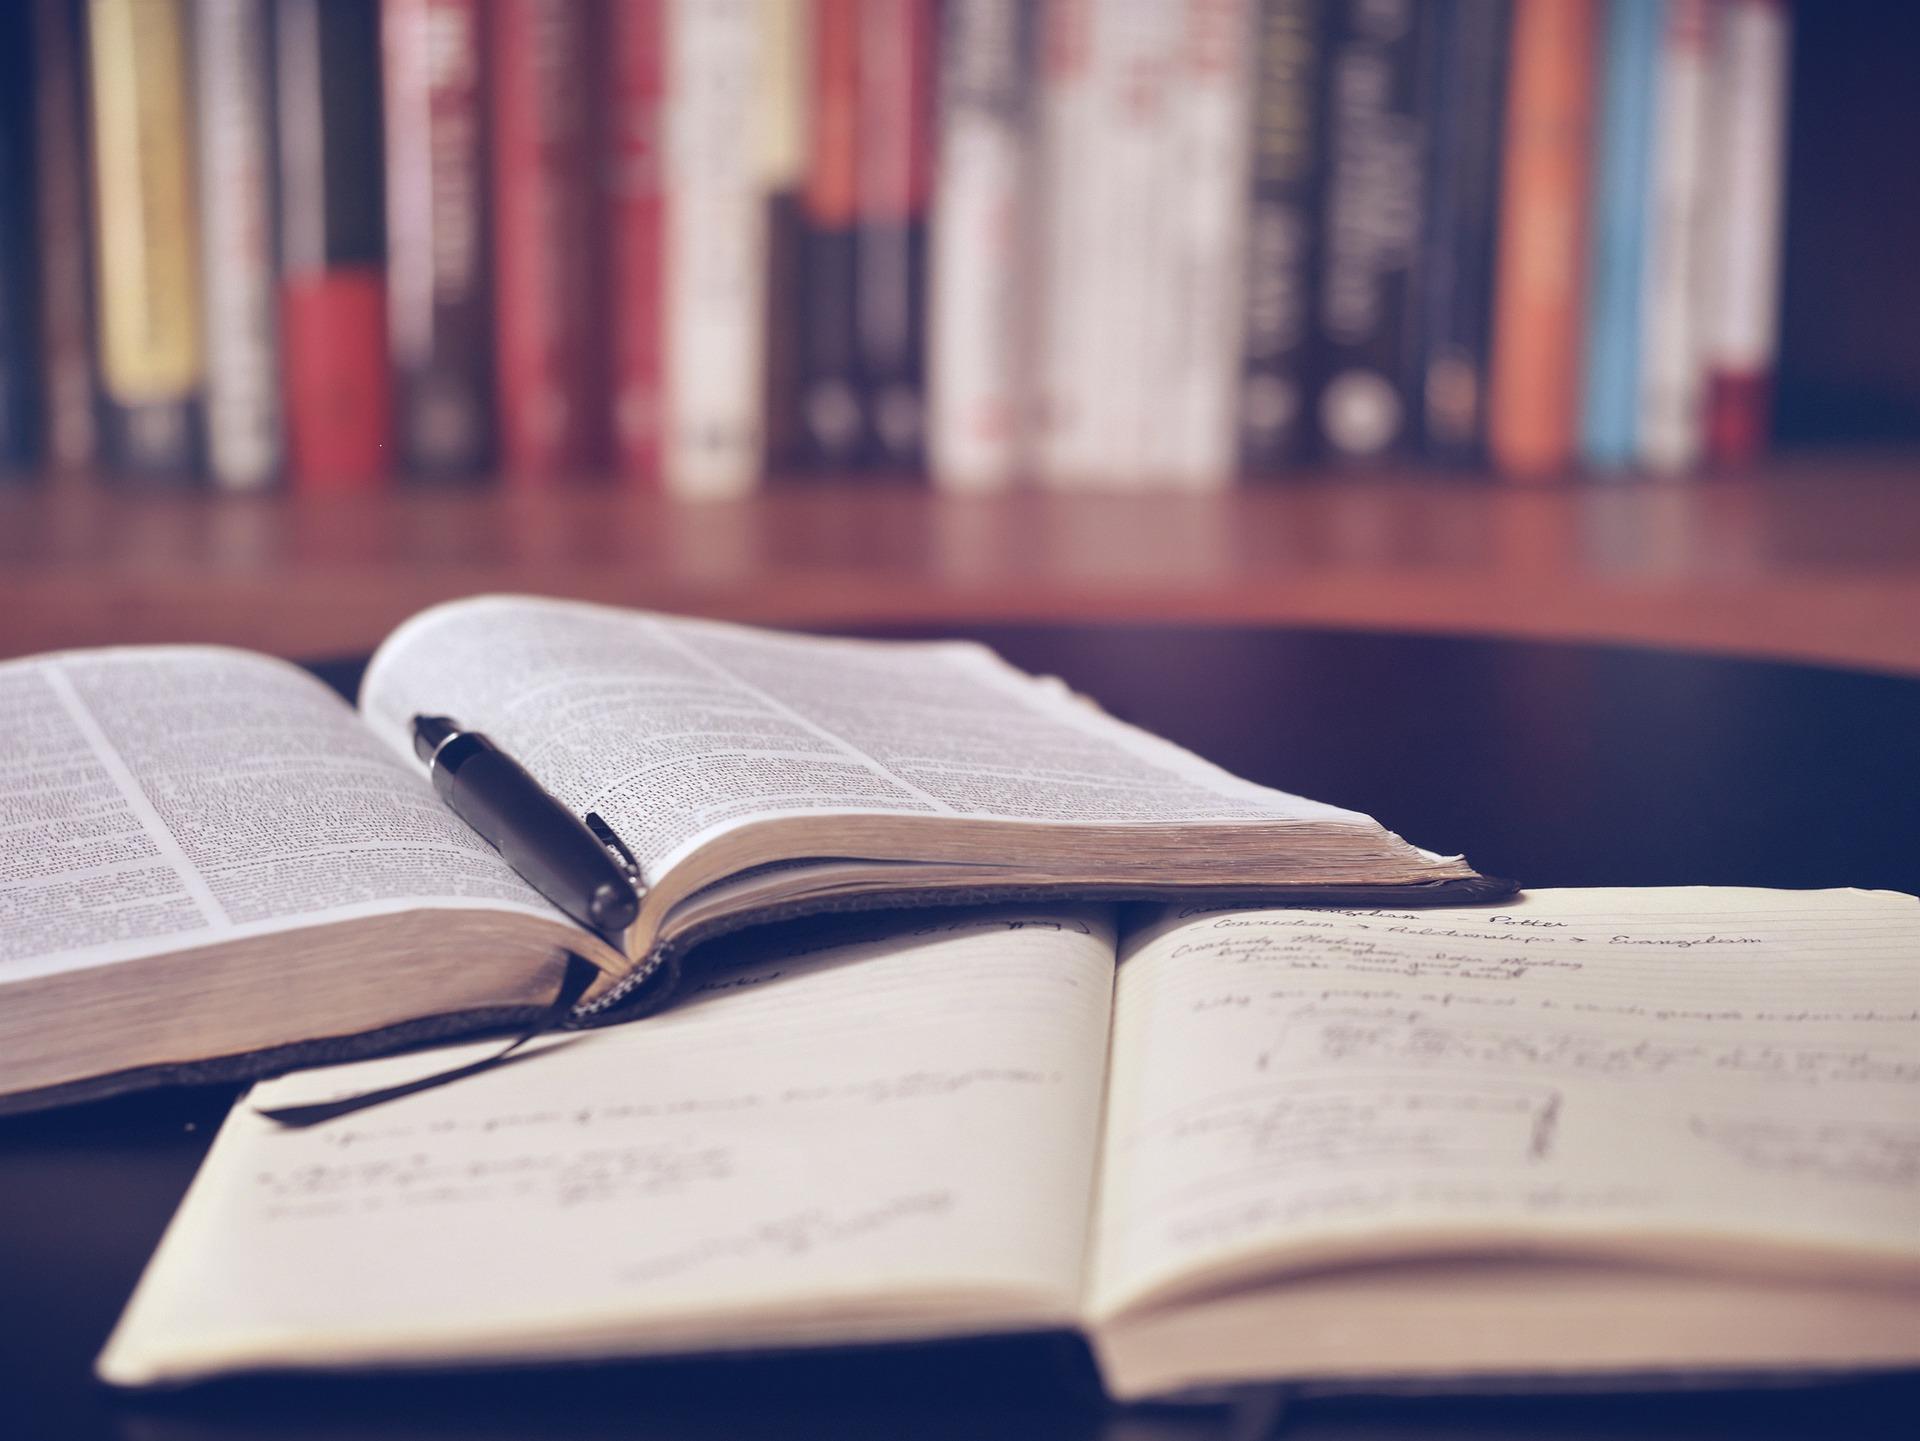 สารสนเทศเพื่อประกอบการเขียนโครงร่างงานวิจัย